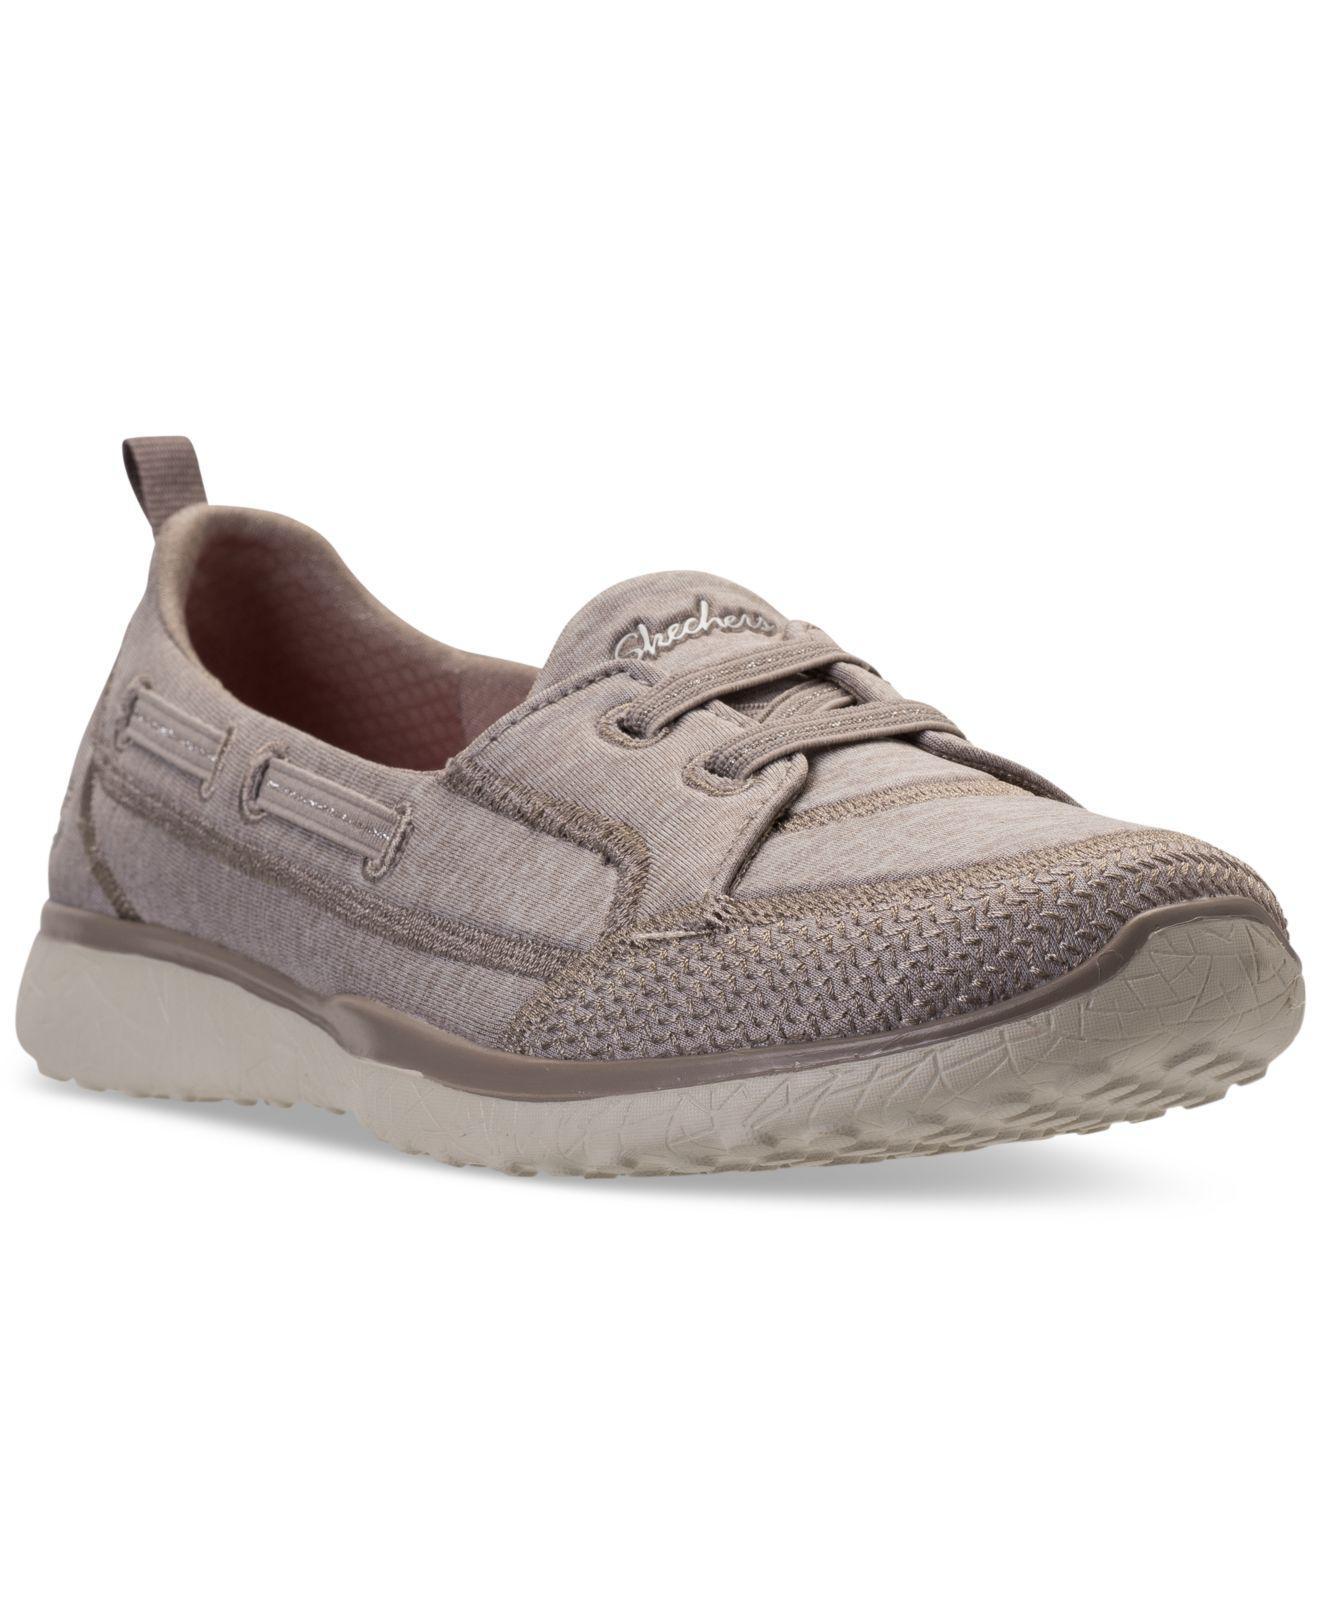 Skechers Women's Microburst - Dearest Casual Walking Sneakers from Finish Line l43yU9NvP